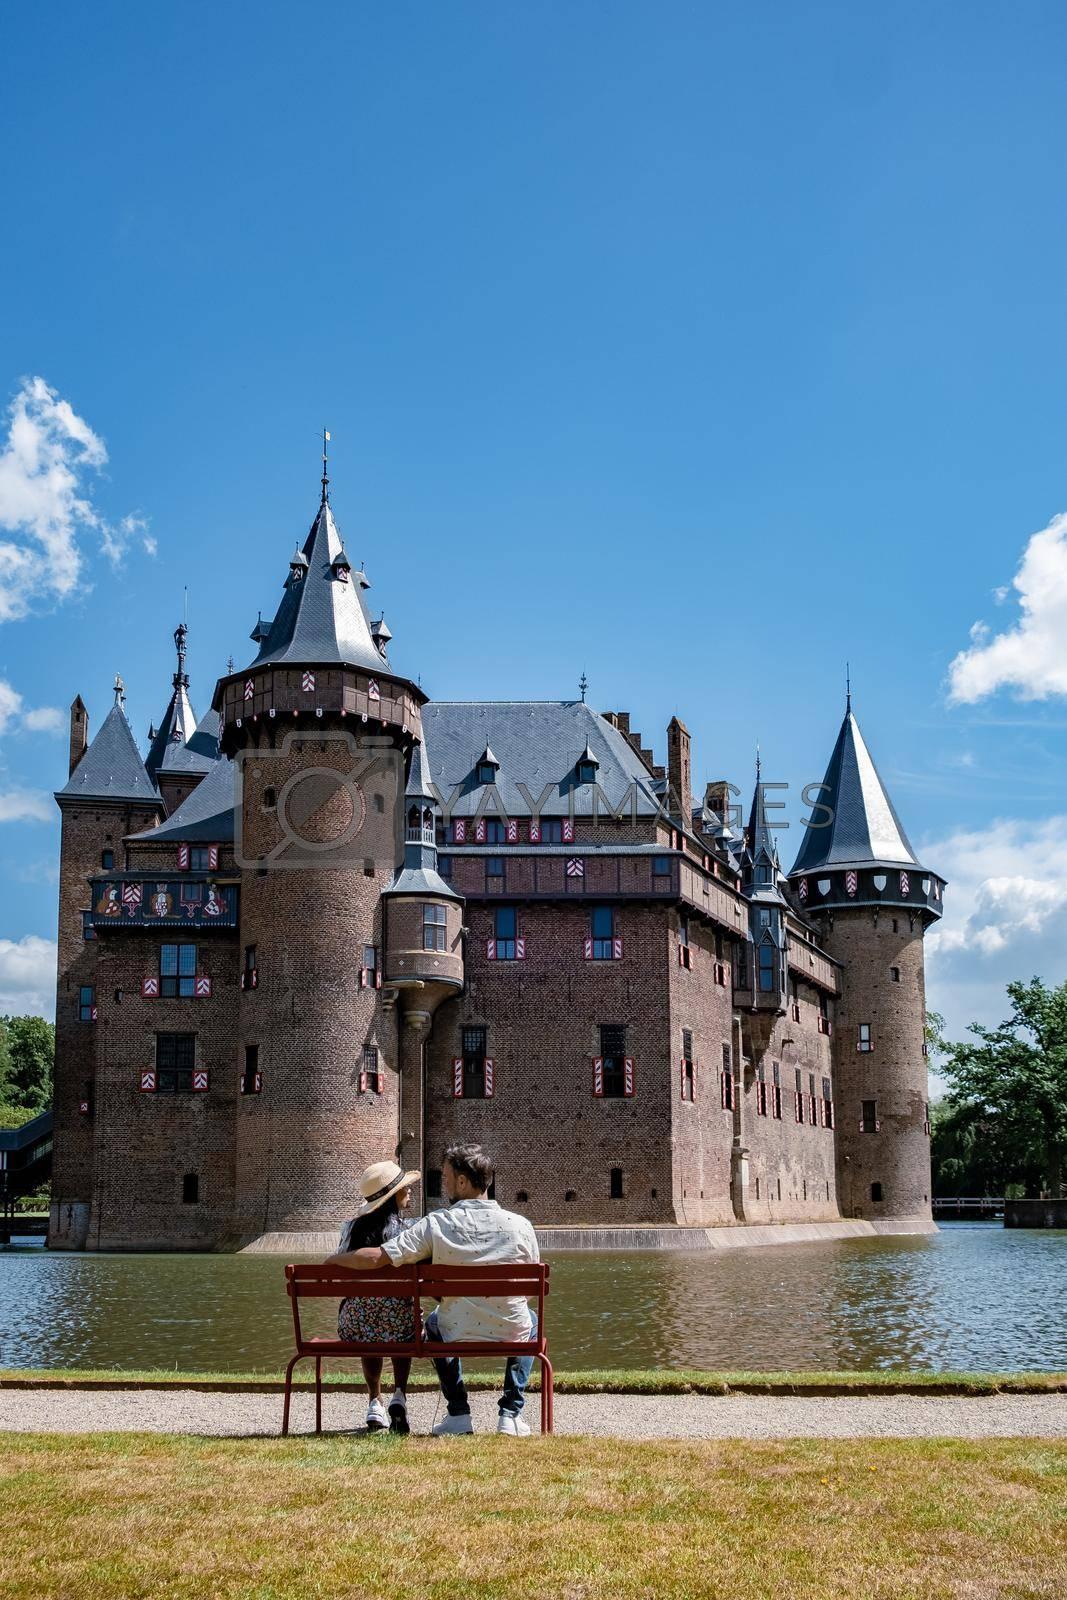 Castle de Haar Utrecht, couple men and woman mid age European and Asian visit De Haar Castle in Dutch Kasteel de Haar is located in Utrecht Netherlands during Spring with flowers in the garden